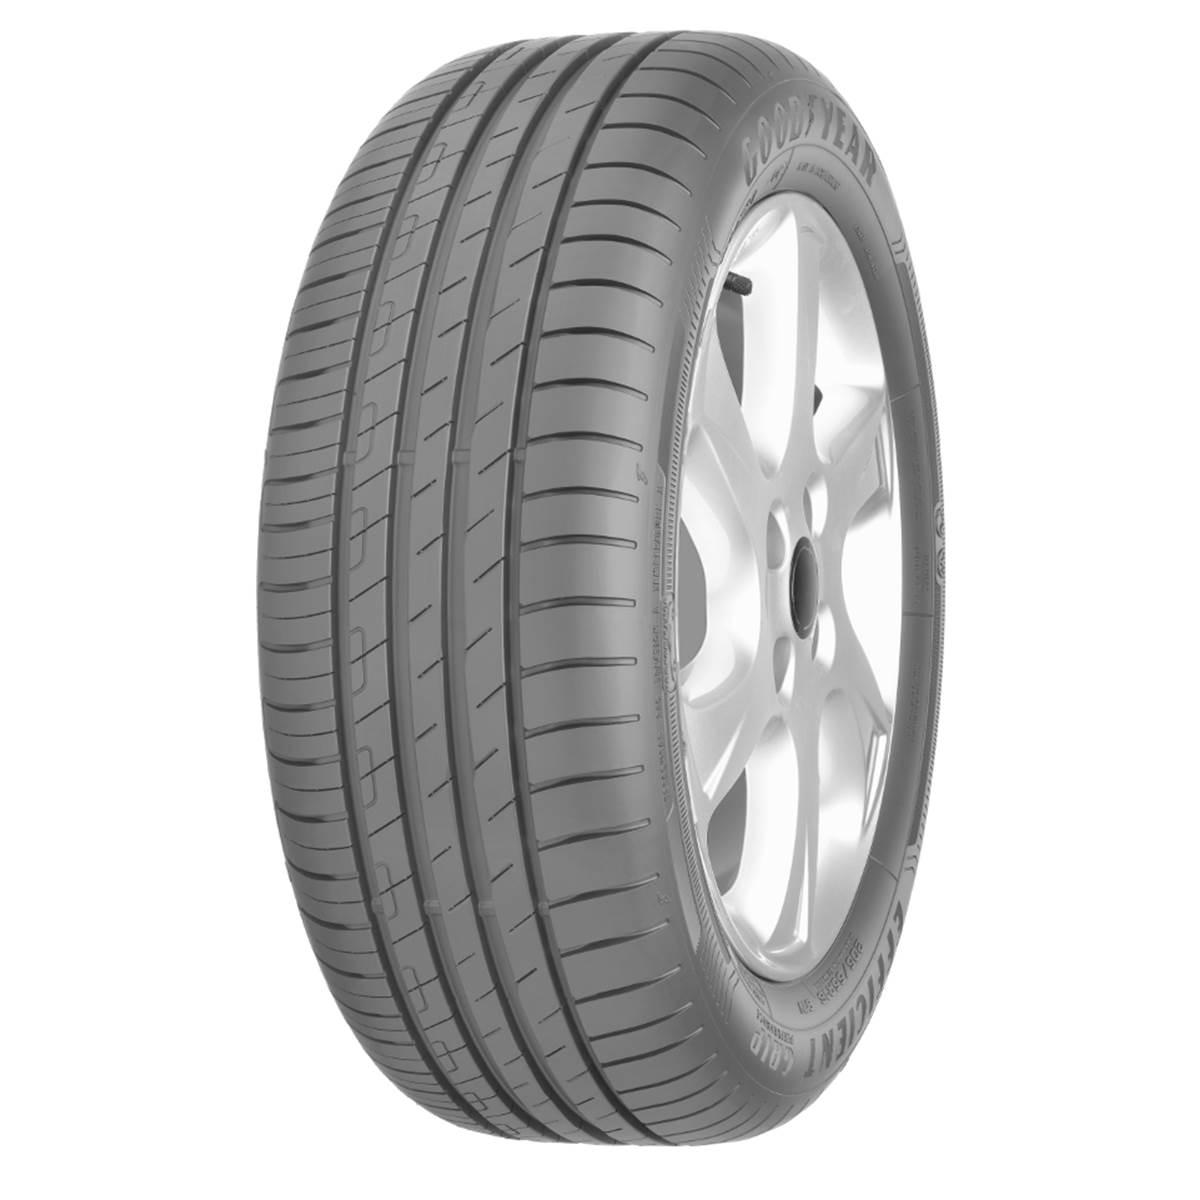 Pneu Goodyear 225/40R18 92W Efficientgrip XL